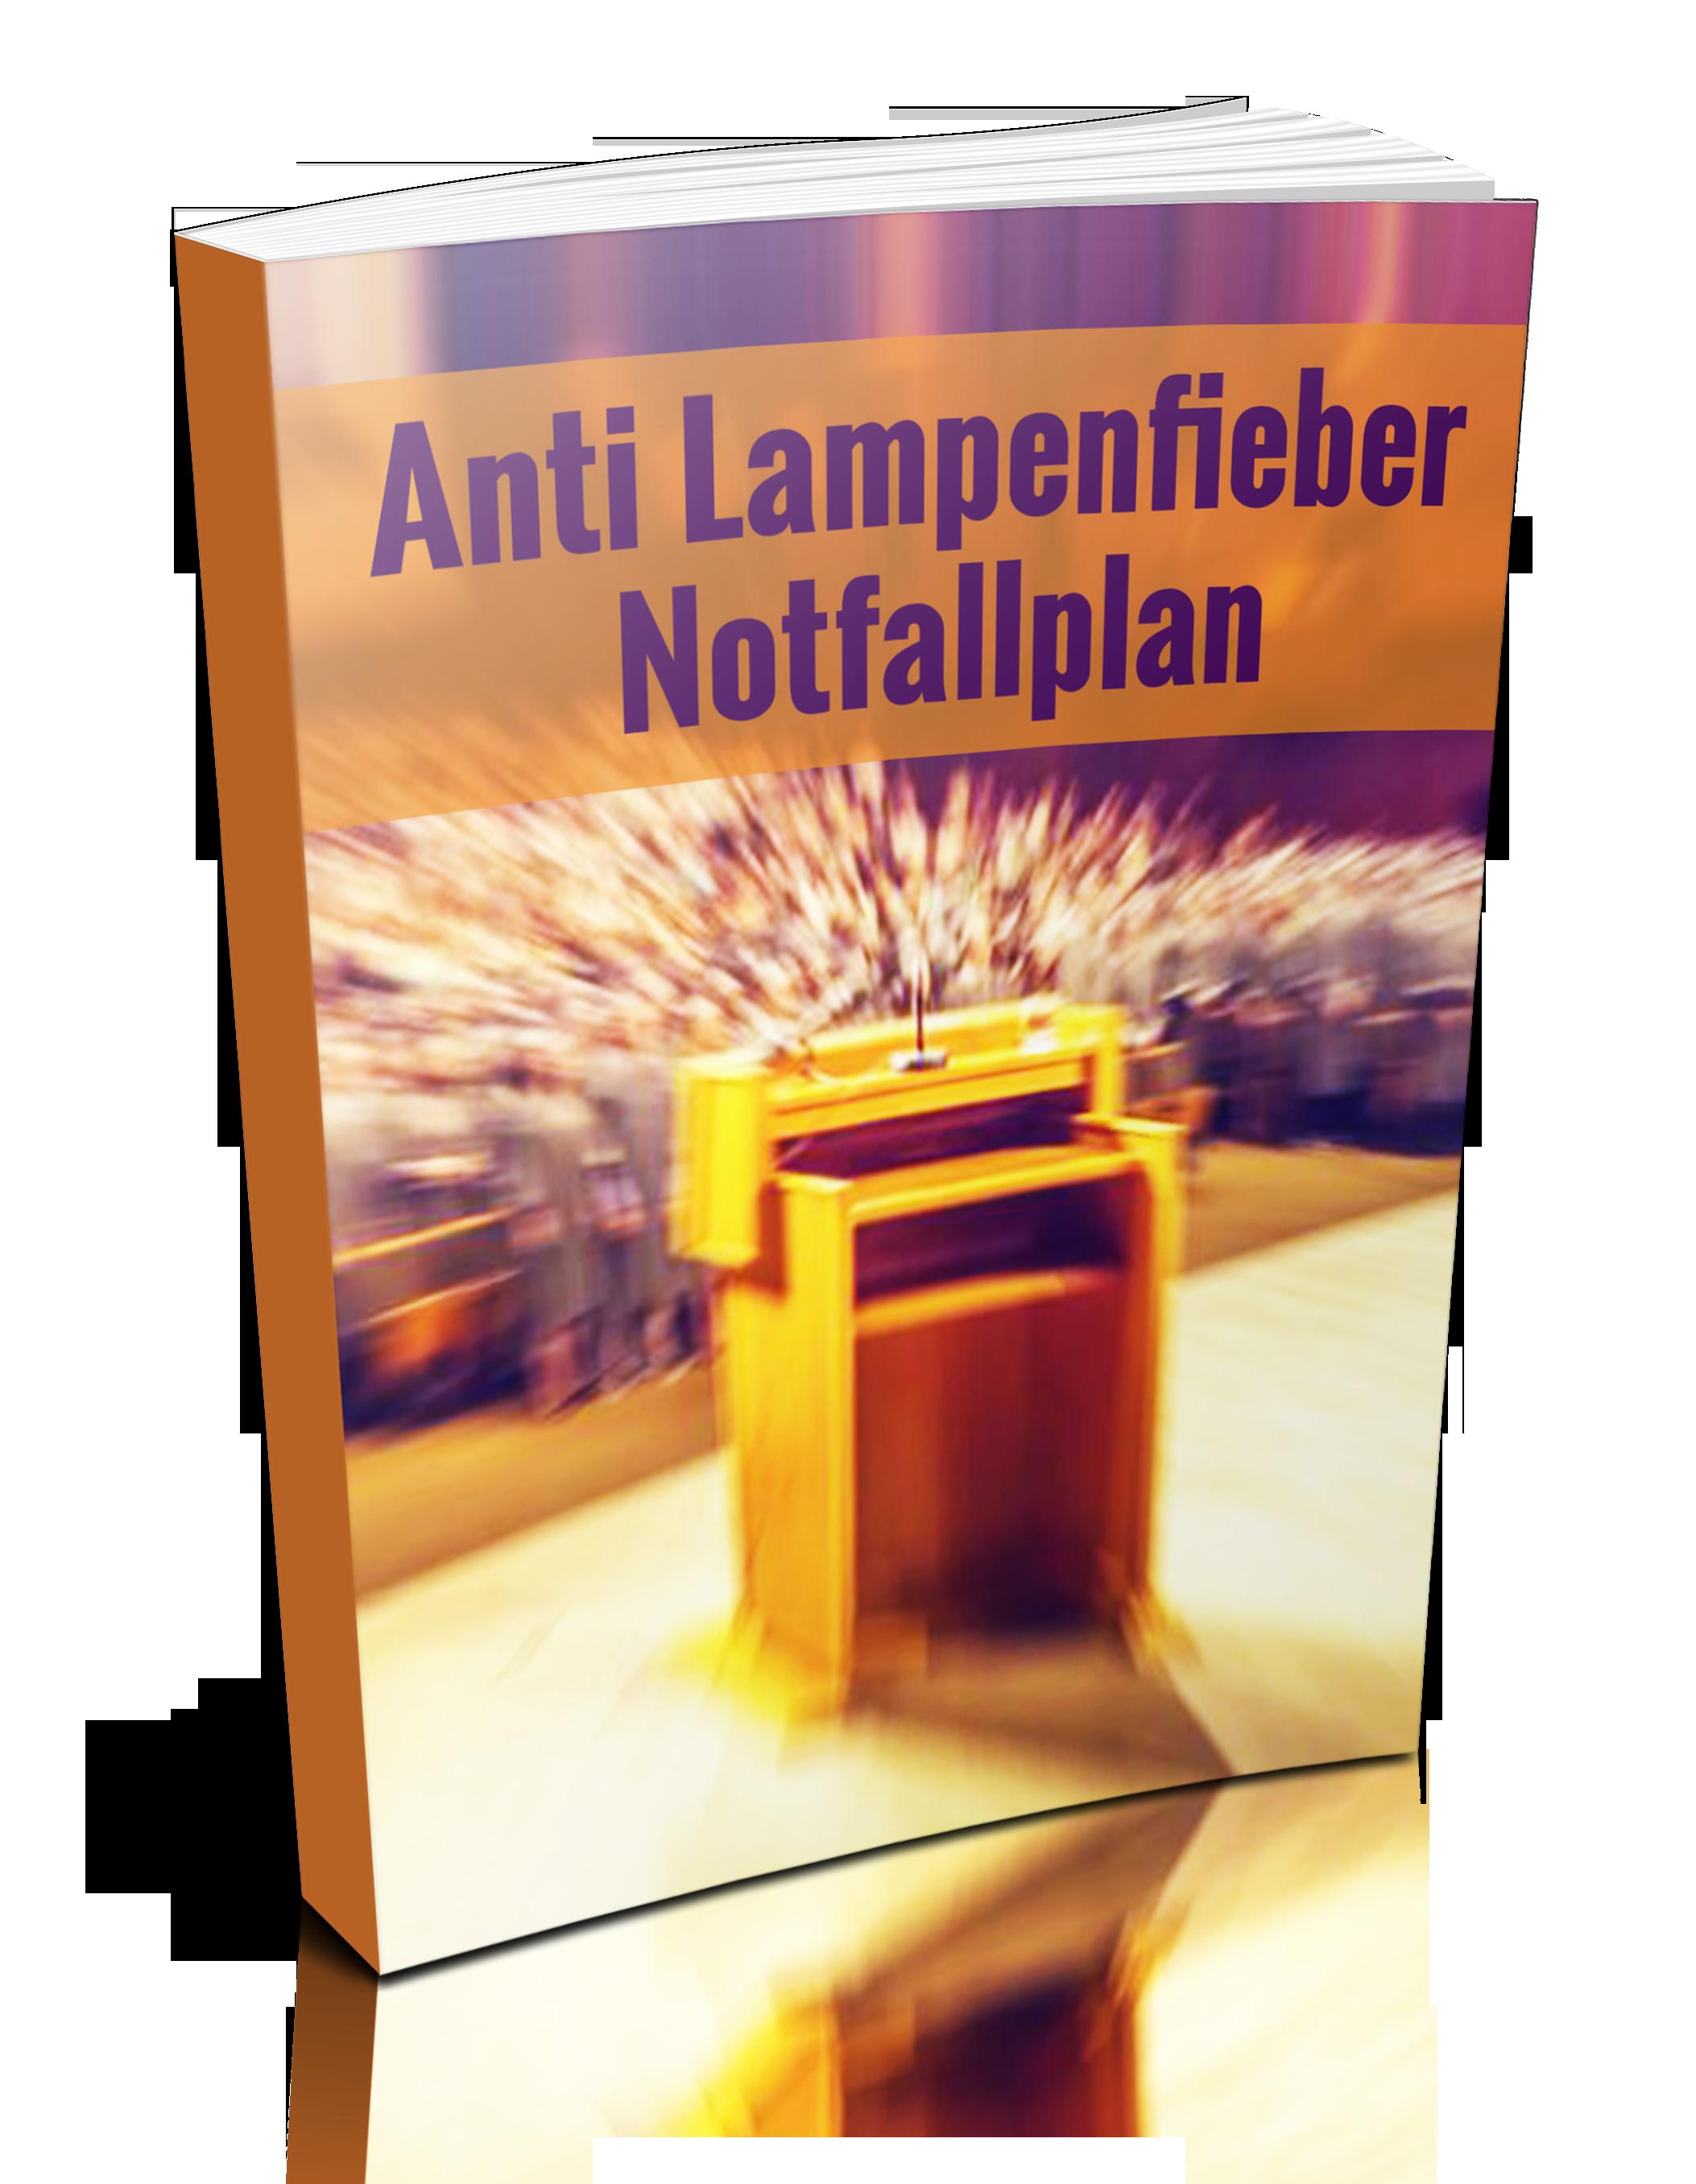 Lampenfieber Notfallplan eBook